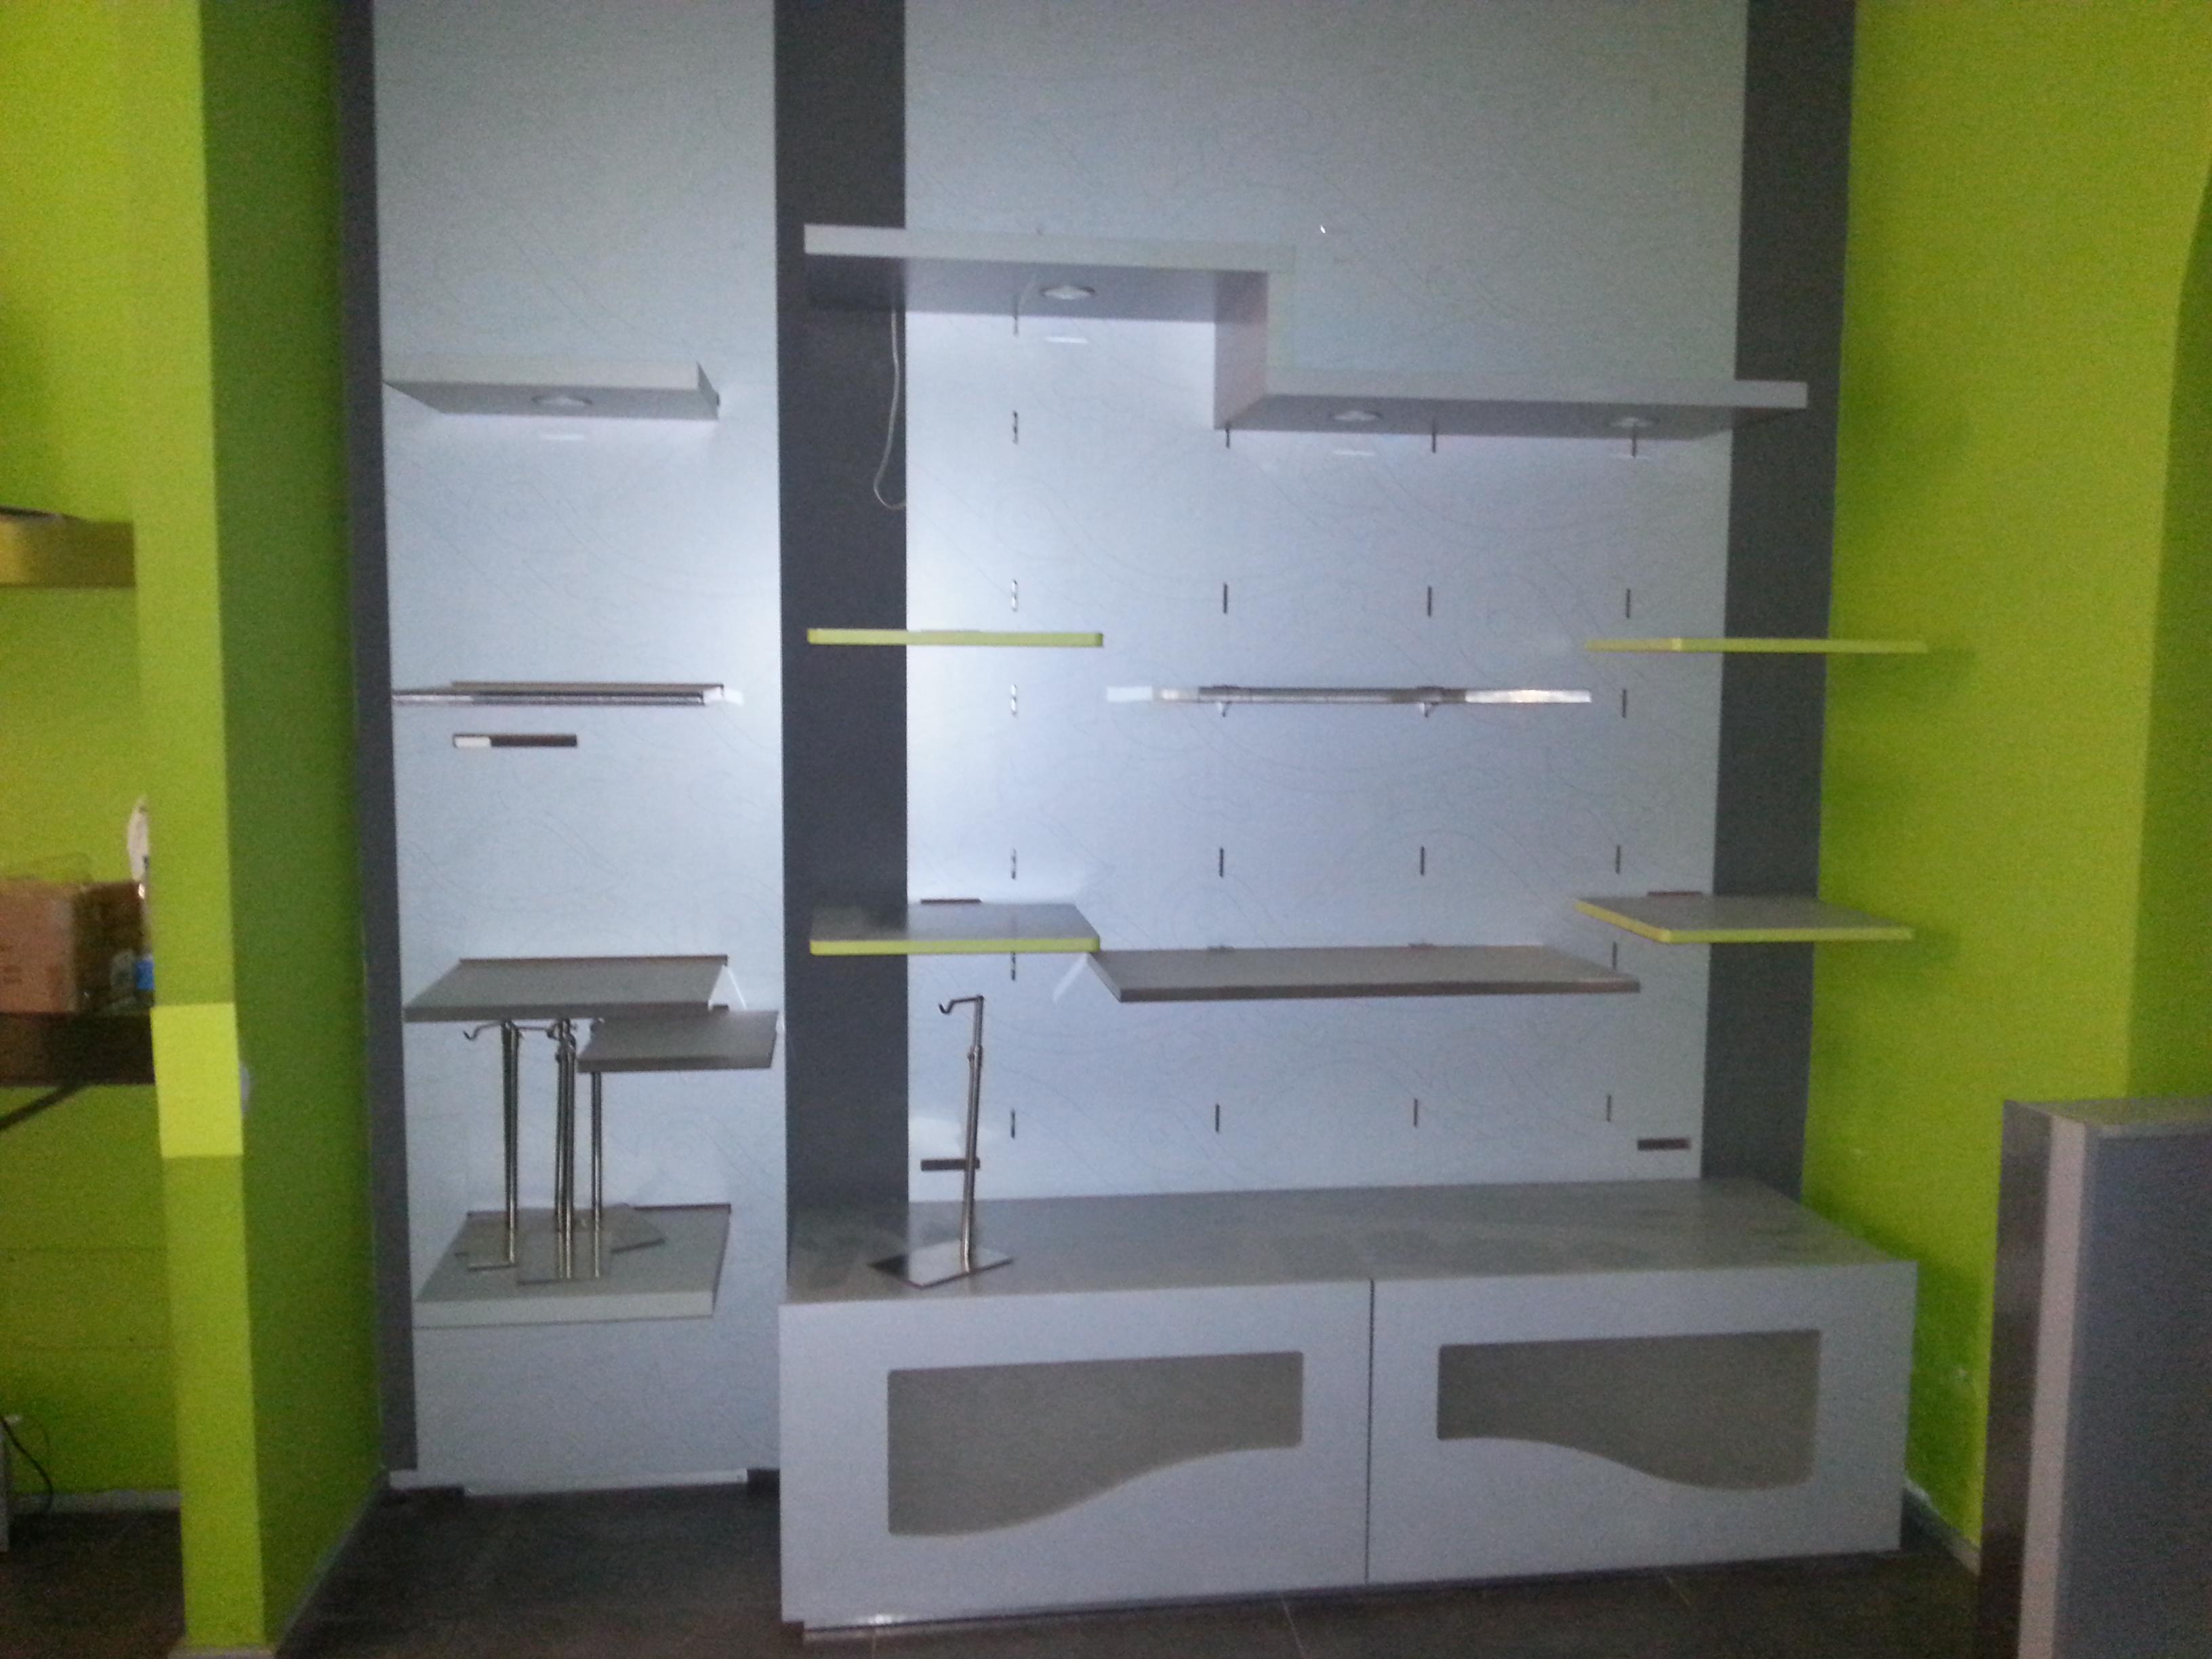 Arredamento Mensole A Parete.Arredo Silver 2256